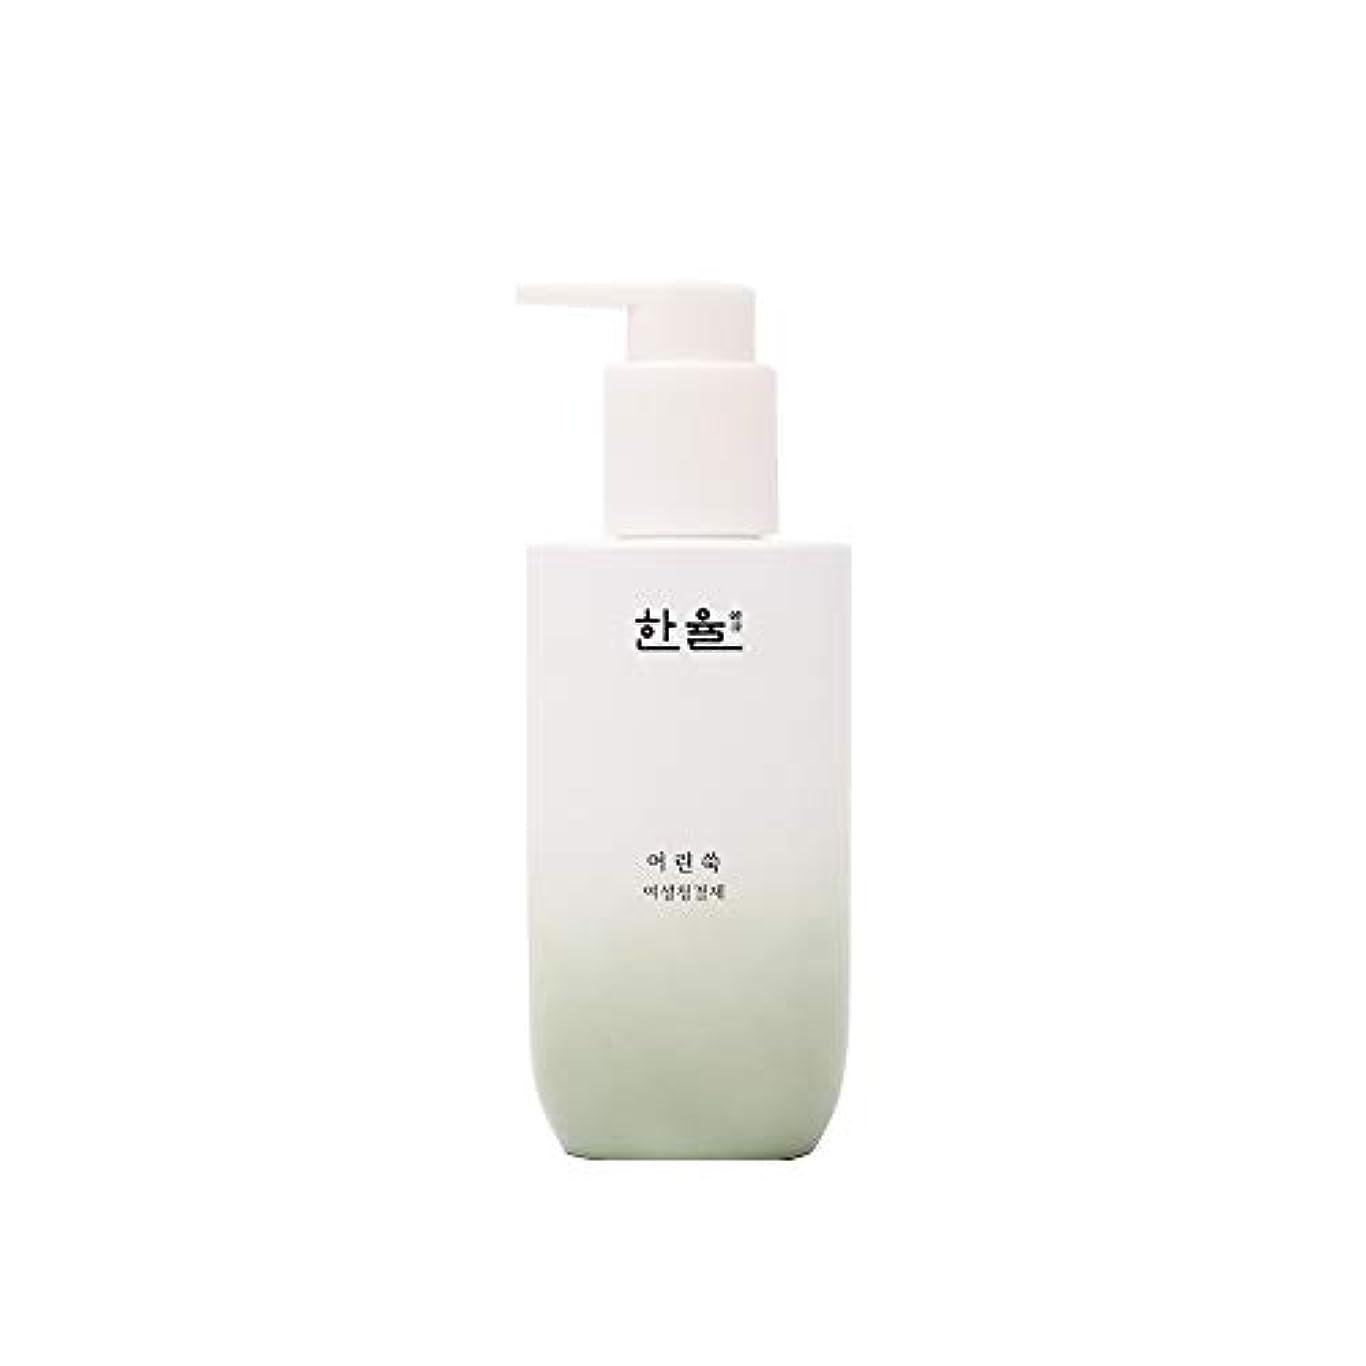 前書き子孫悔い改める【HANYUL公式】 ハンユル フェミニンケアジェル 200ml / Hanyul Pure Artemisia Feminine care gel 200ml